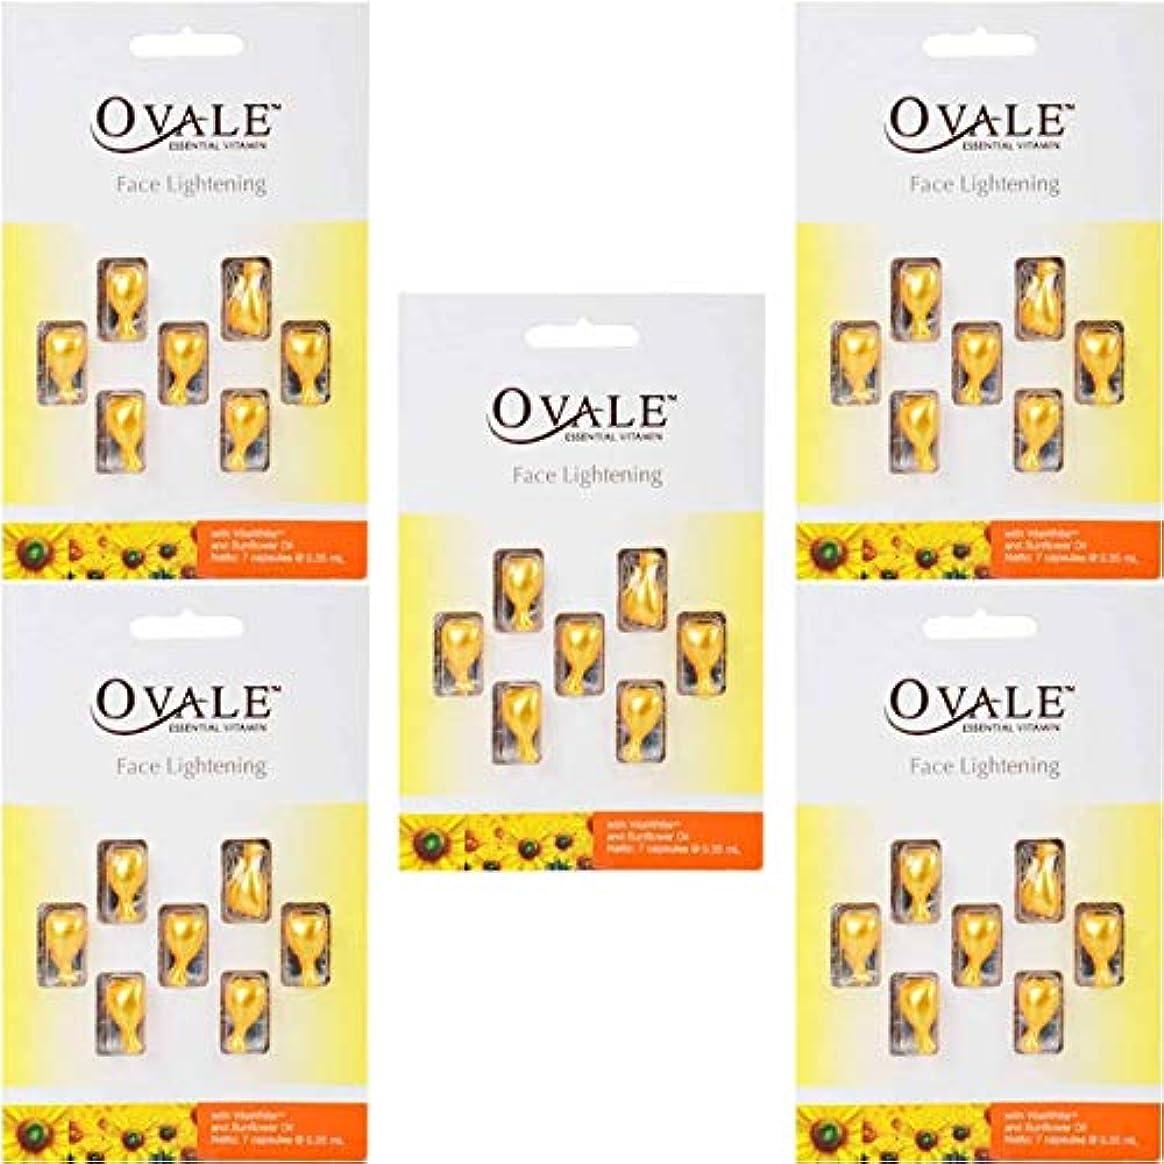 聴覚障害者と遊ぶくるみOvale オーバル フェイシャル美容液 essential vitamin エッセンシャルビタミン 7粒入シート×5枚セット サンフラワー [海外直送品]